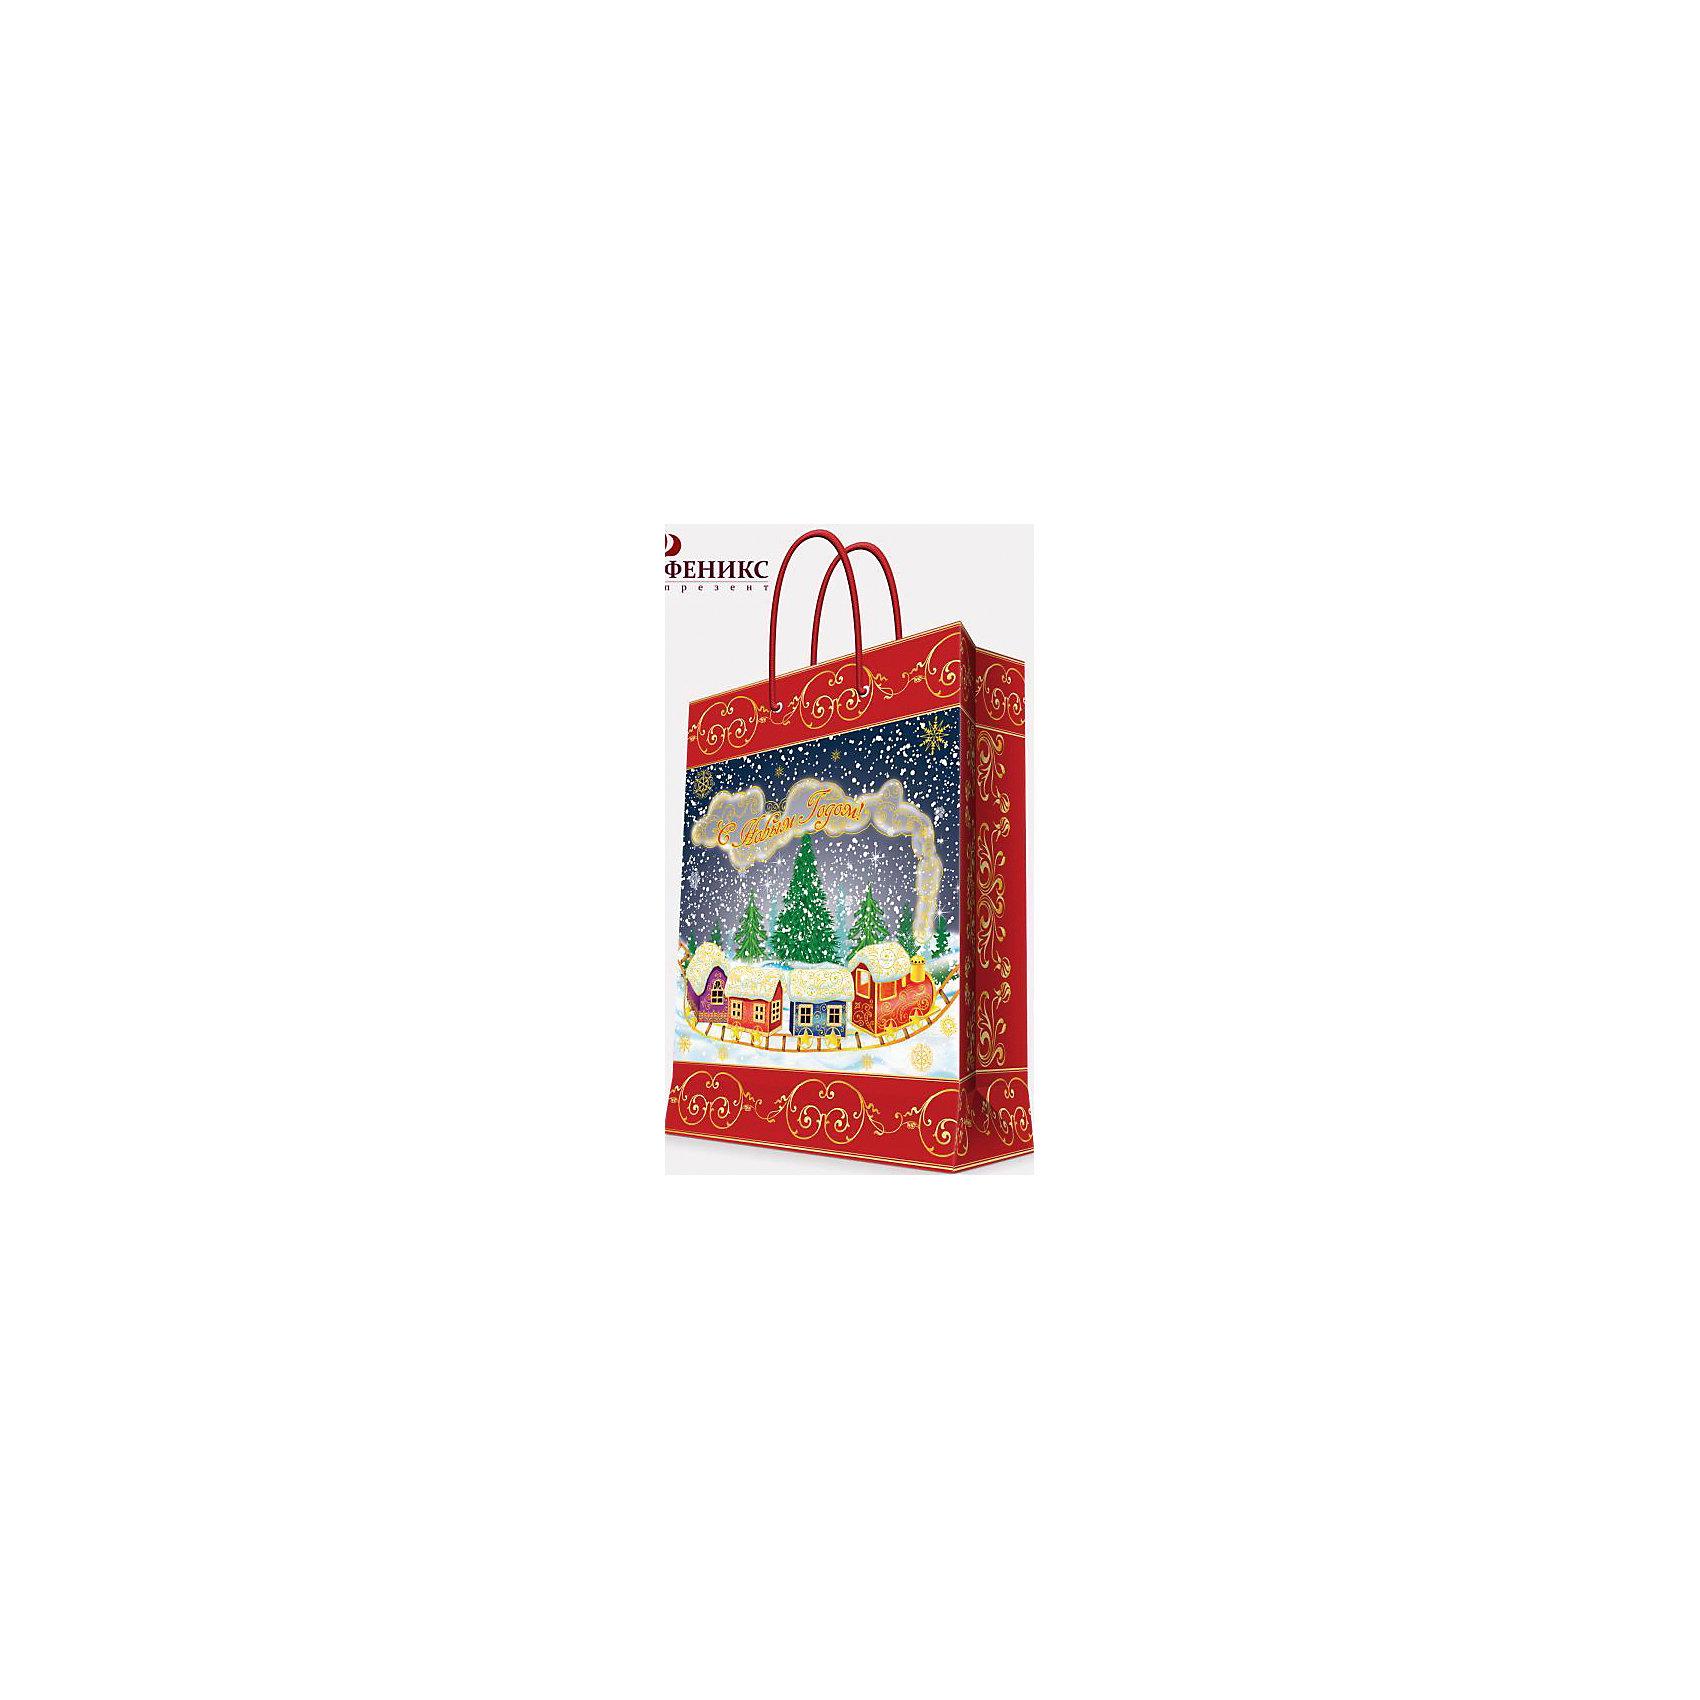 Подарочный пакет Паровозик 26*32,4*12,7 смВсё для праздника<br>Приближение Нового года не может не радовать! Праздничное настроение создает украшенный дом, наряженная ёлка, запах мандаринов, предновогодняя суета и, конечно же, подарки! Чтобы сделать момент вручения приятнее, нужен красивый подарочный пакет.<br>Этот пакет украшен симпатичным универсальным рисунком, поэтому в него можно упаковать подарок и родственнику, и коллеге. Он сделан из безопасного для детей, прочного, но легкого, материала. Создайте с ним праздничное настроение себе и близким!<br><br>Дополнительная информация:<br><br>плотность бумаги: 140 г/м2;<br>размер: 26 х 32 х 13 см;<br>с ламинацией;<br>украшен рисунком.<br><br>Подарочный пакет Паровозик 26*32,4*12,7 см можно купить в нашем магазине.<br><br>Ширина мм: 260<br>Глубина мм: 234<br>Высота мм: 127<br>Вес г: 74<br>Возраст от месяцев: 36<br>Возраст до месяцев: 2147483647<br>Пол: Унисекс<br>Возраст: Детский<br>SKU: 4981577